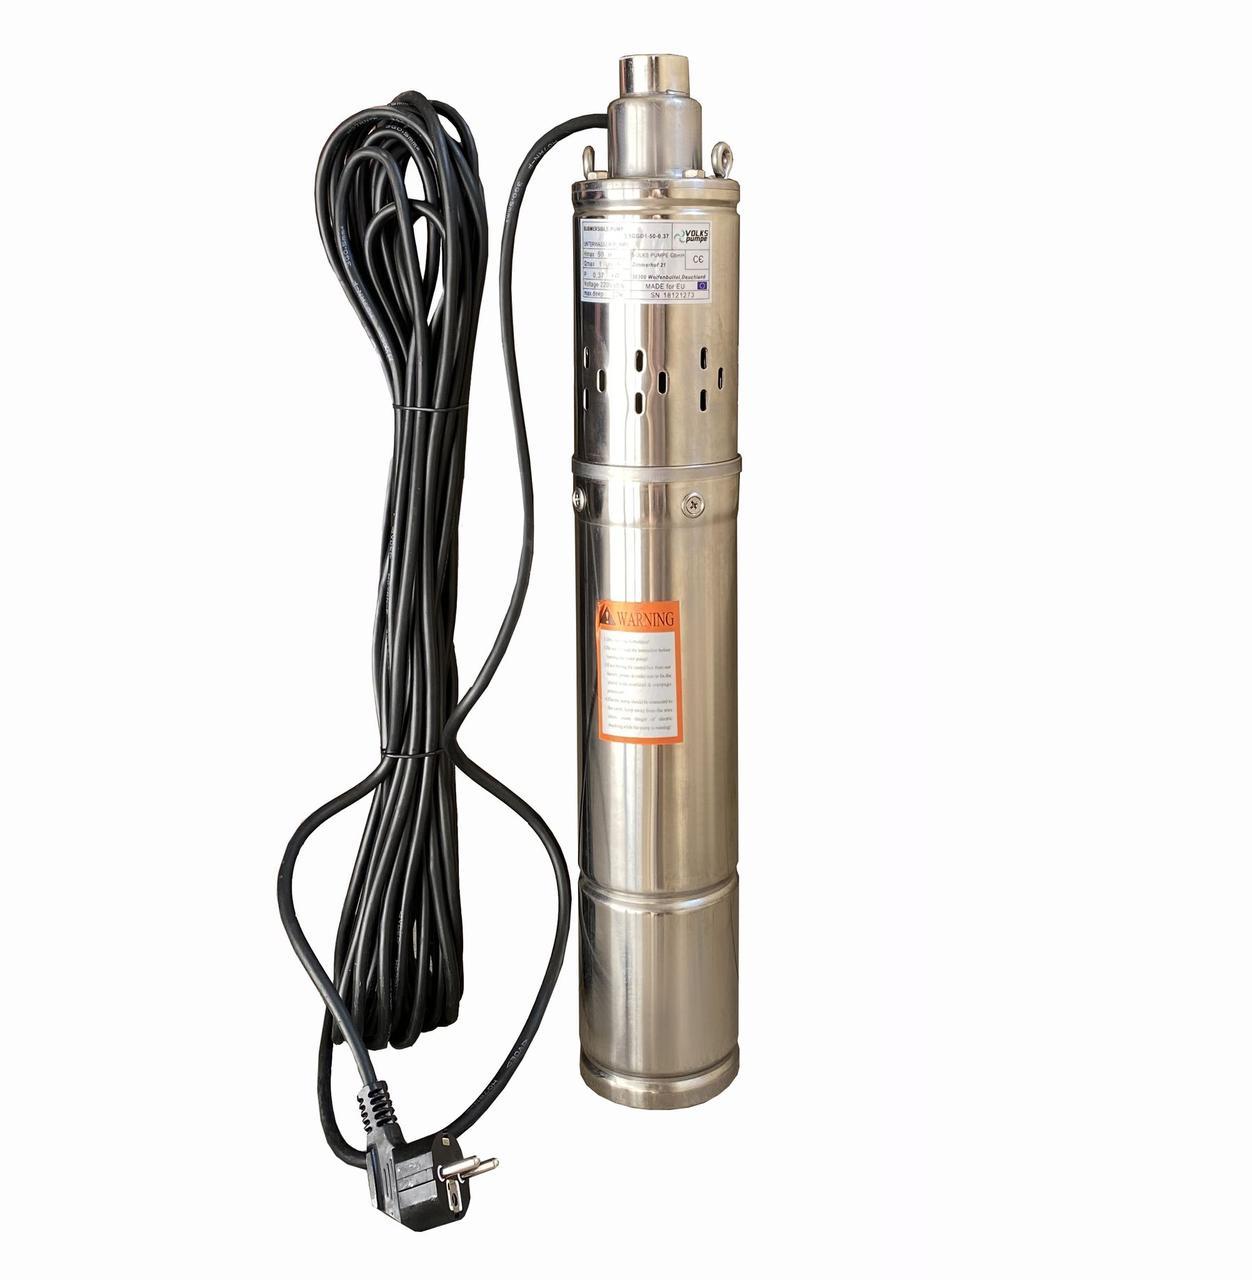 Насос скважинный шнековый Volks pumpe 3,5QGD 1-50-0,37 кВт 3,5 дюйма + кабель 15 м